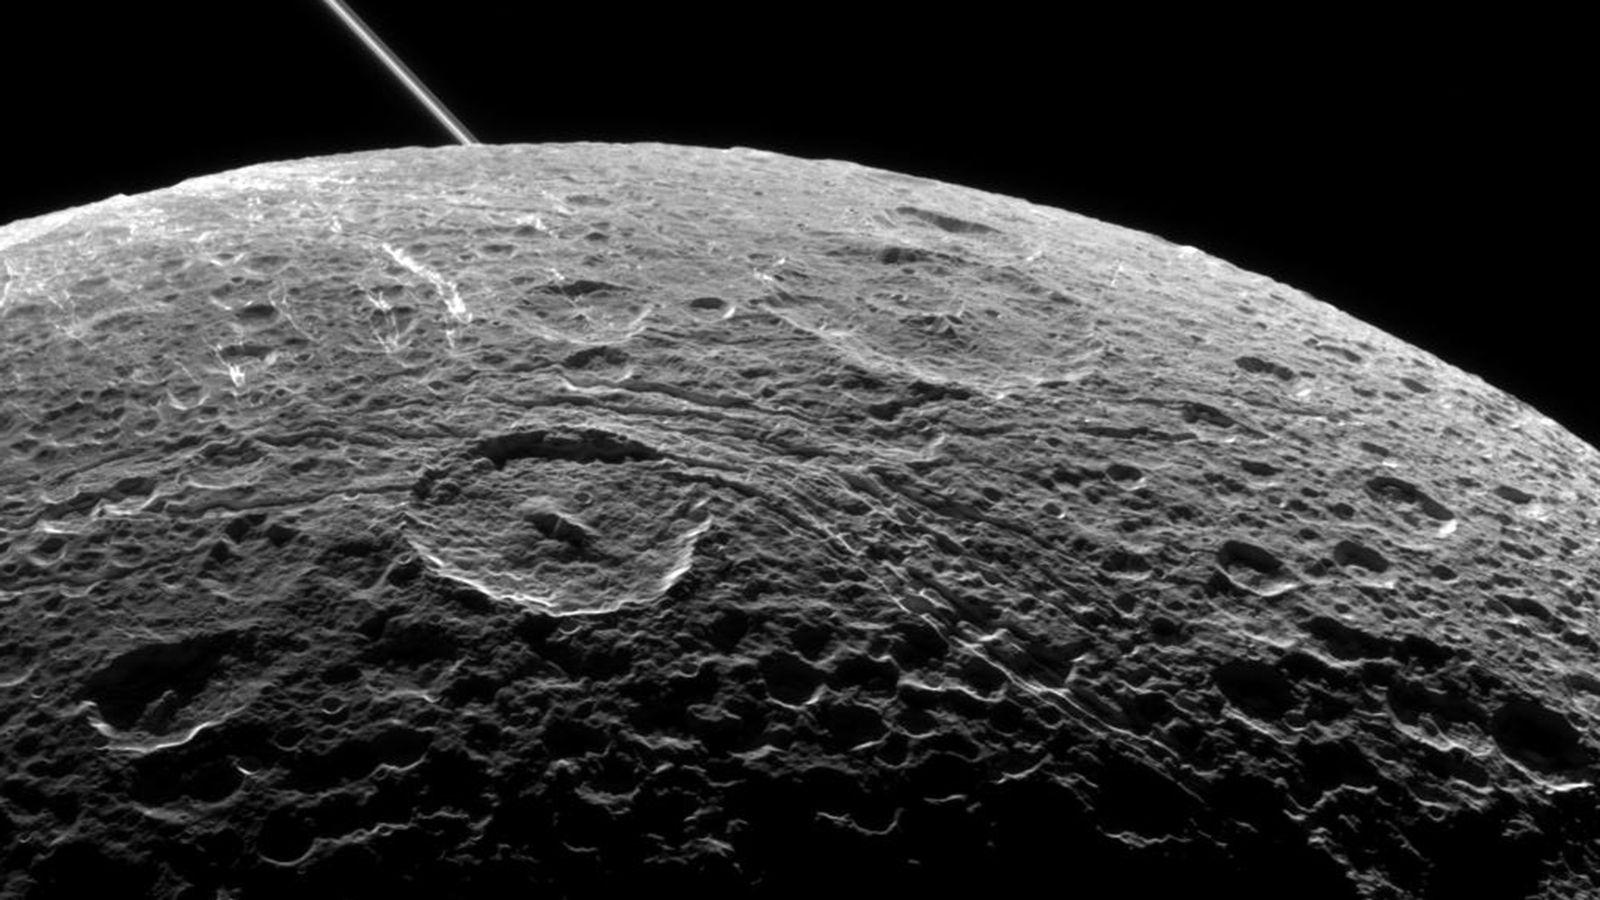 Космос наладони: NASA показало изумительное фото четвертого спутника Сатурна